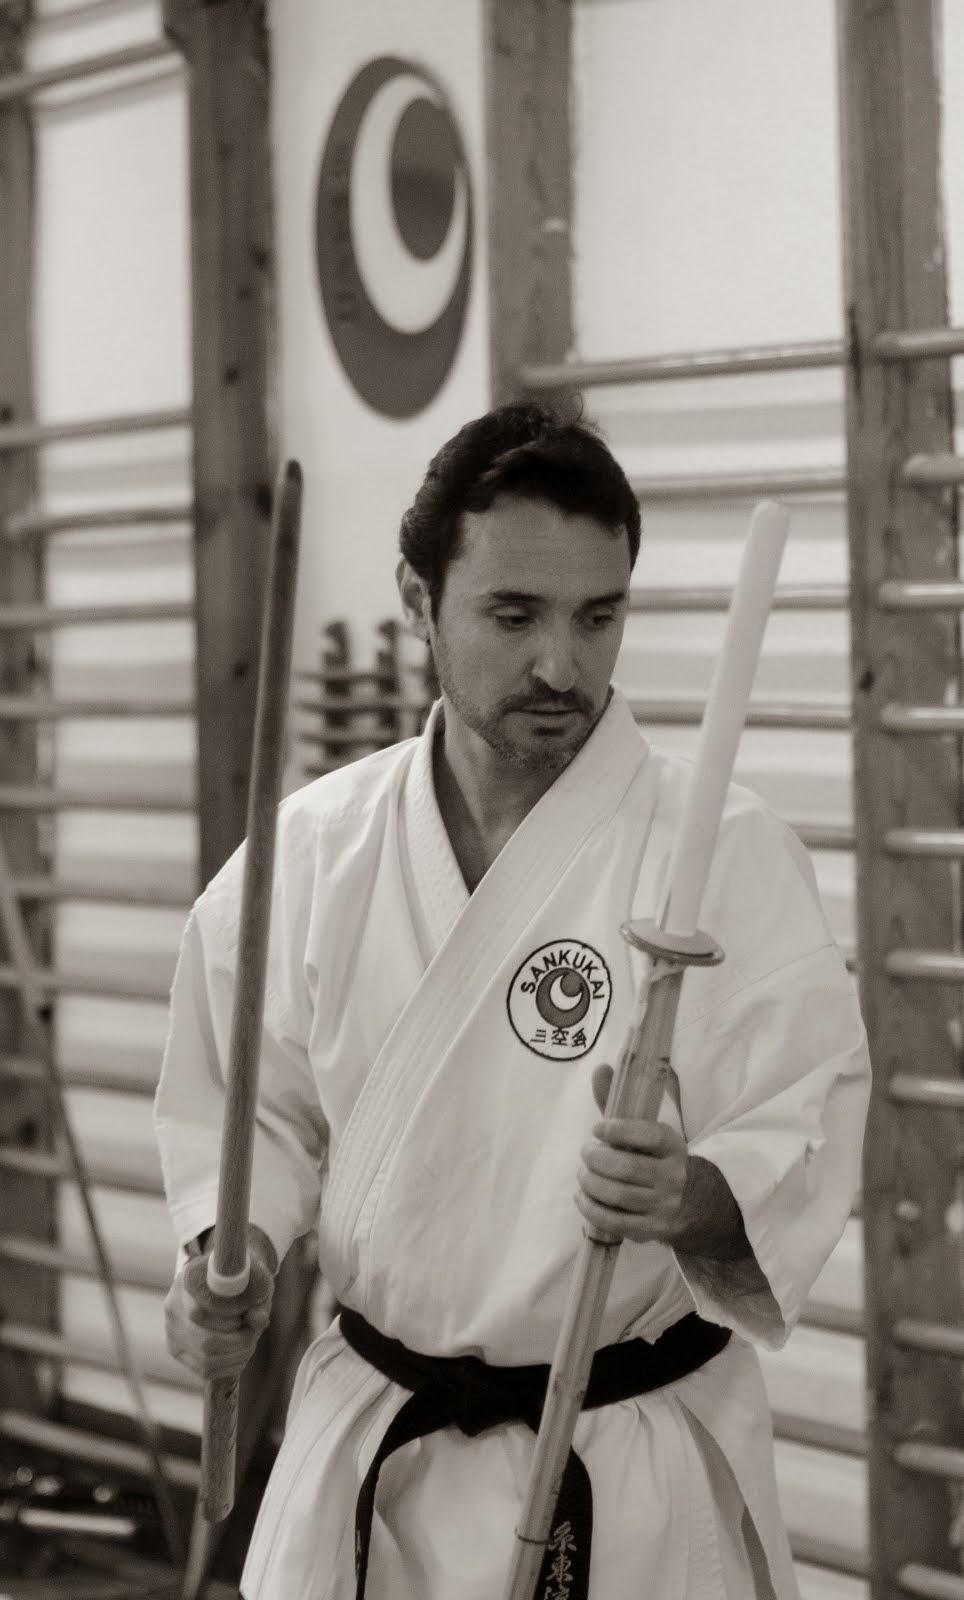 Agustín Subías Lierta